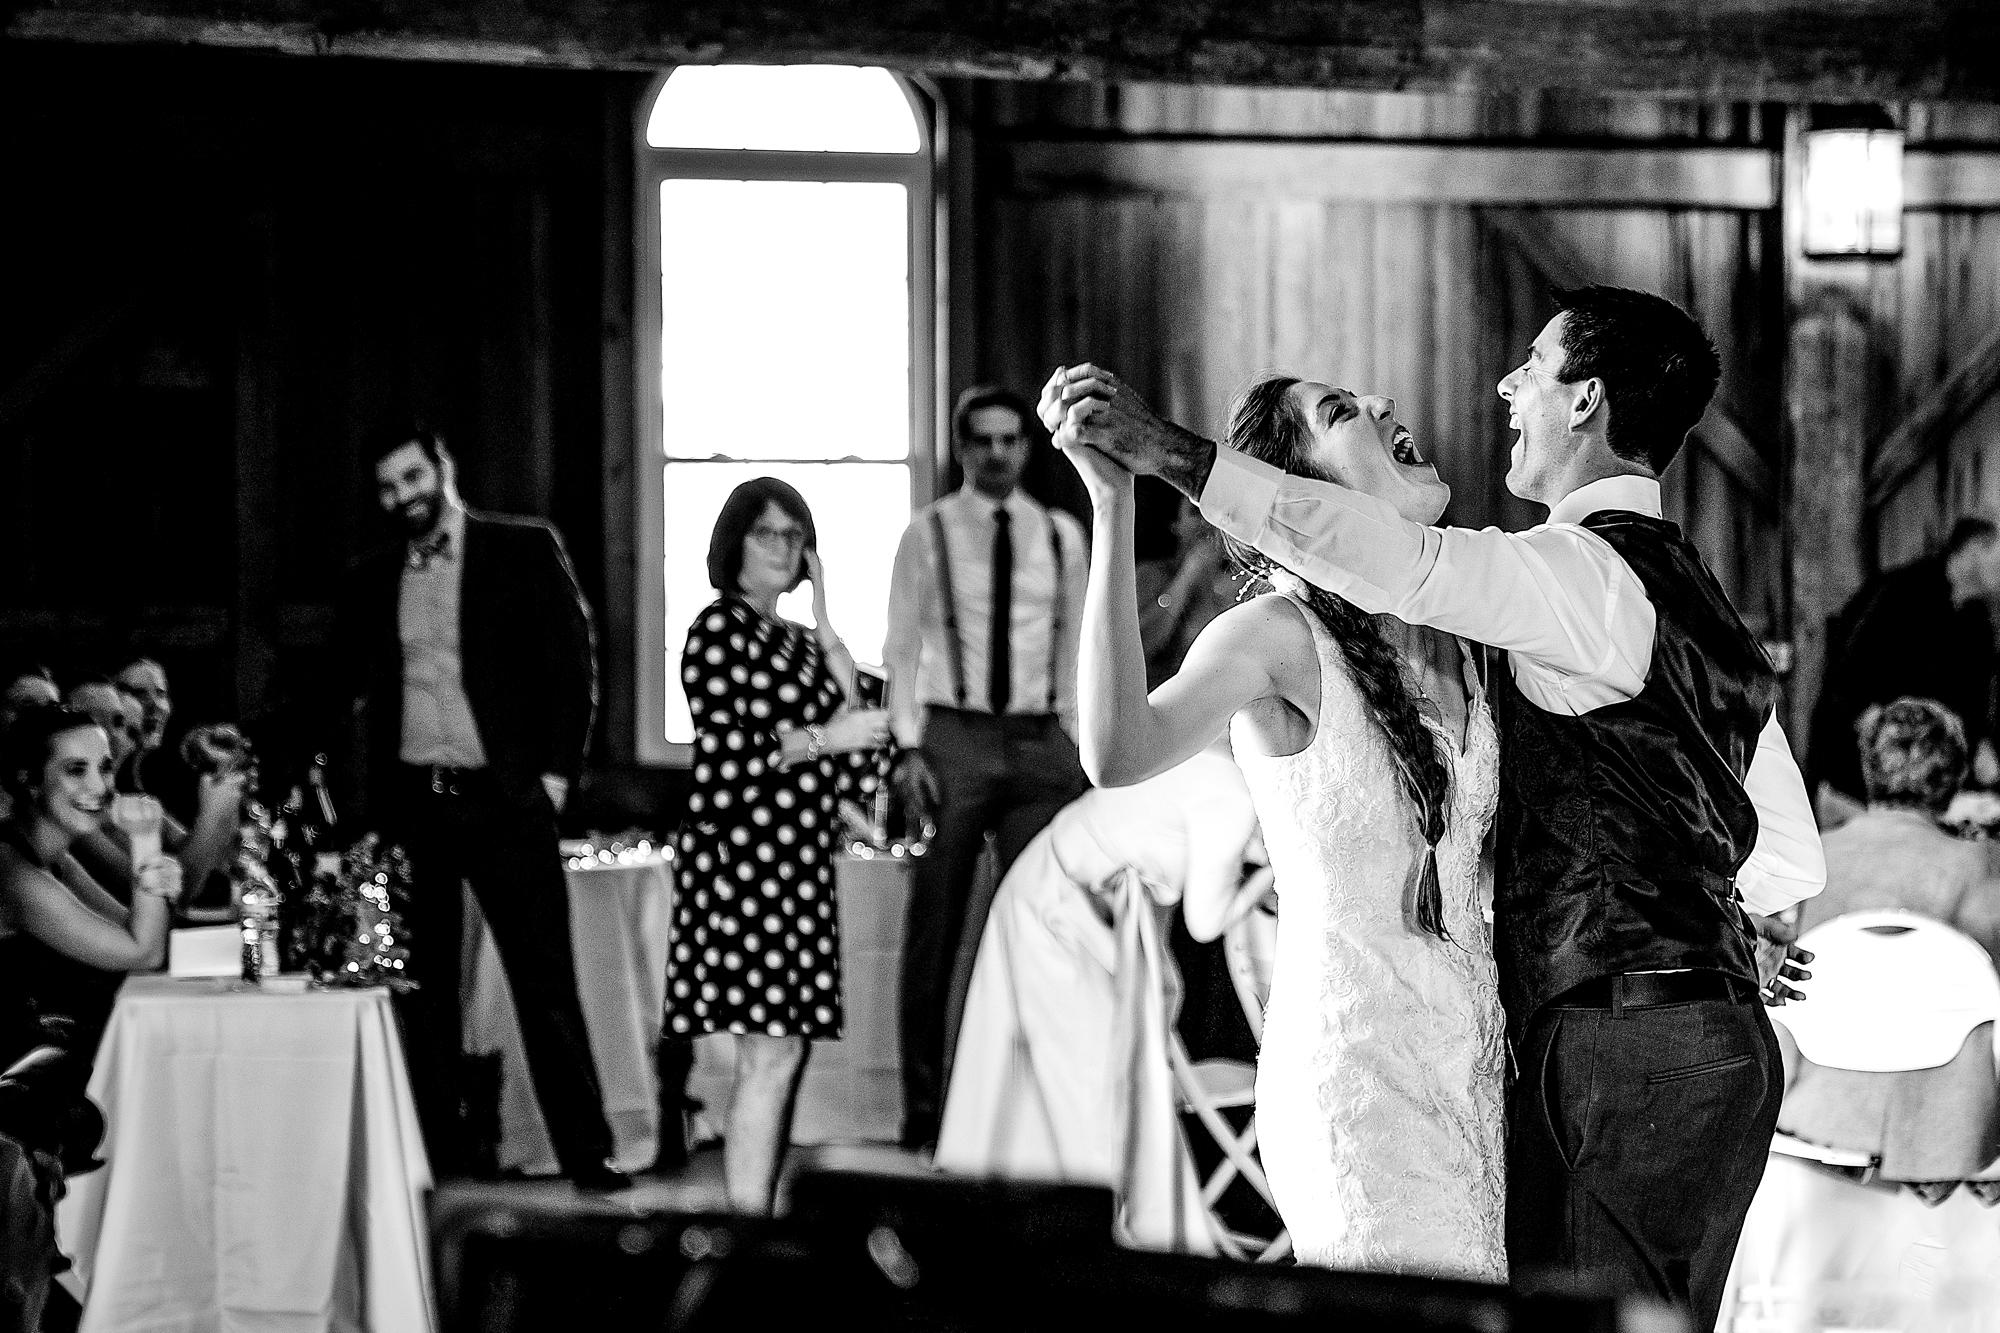 Polen-Farm-Cincinnati-Wedding-Photographers-2.jpg